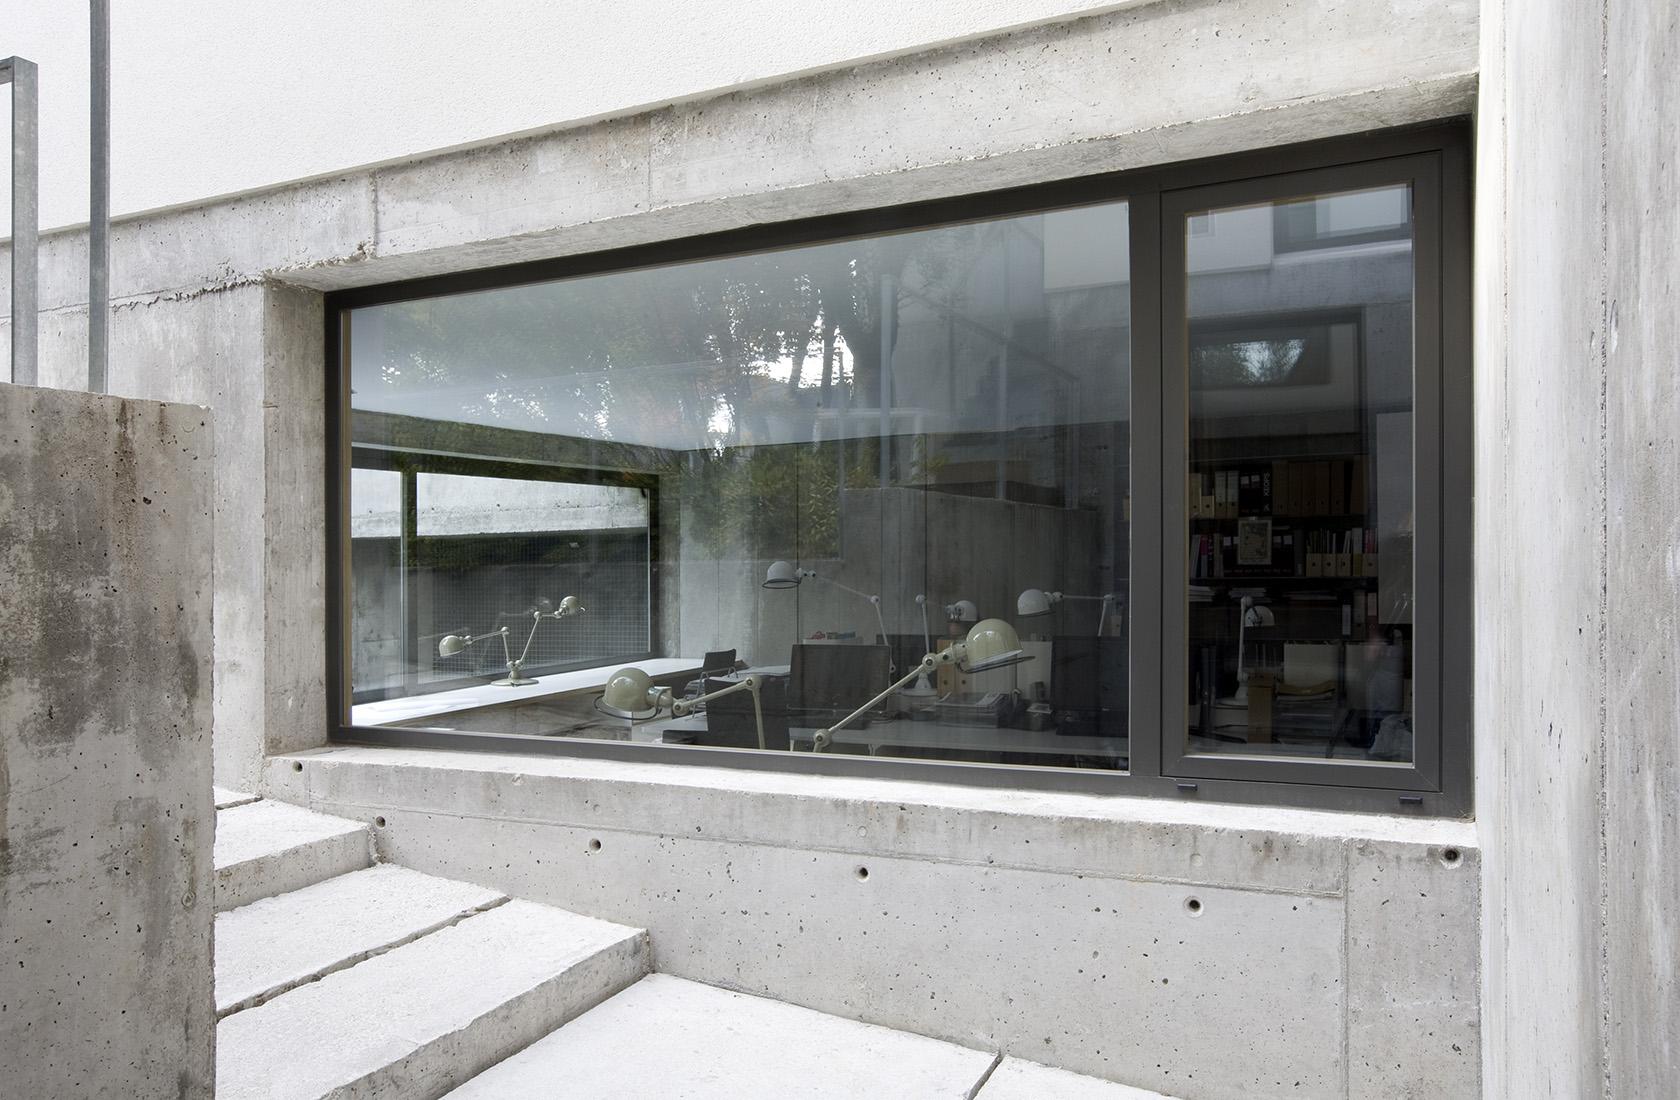 Oficinas de la sede de ÁBATON Arquitectura vistas desde el exterior